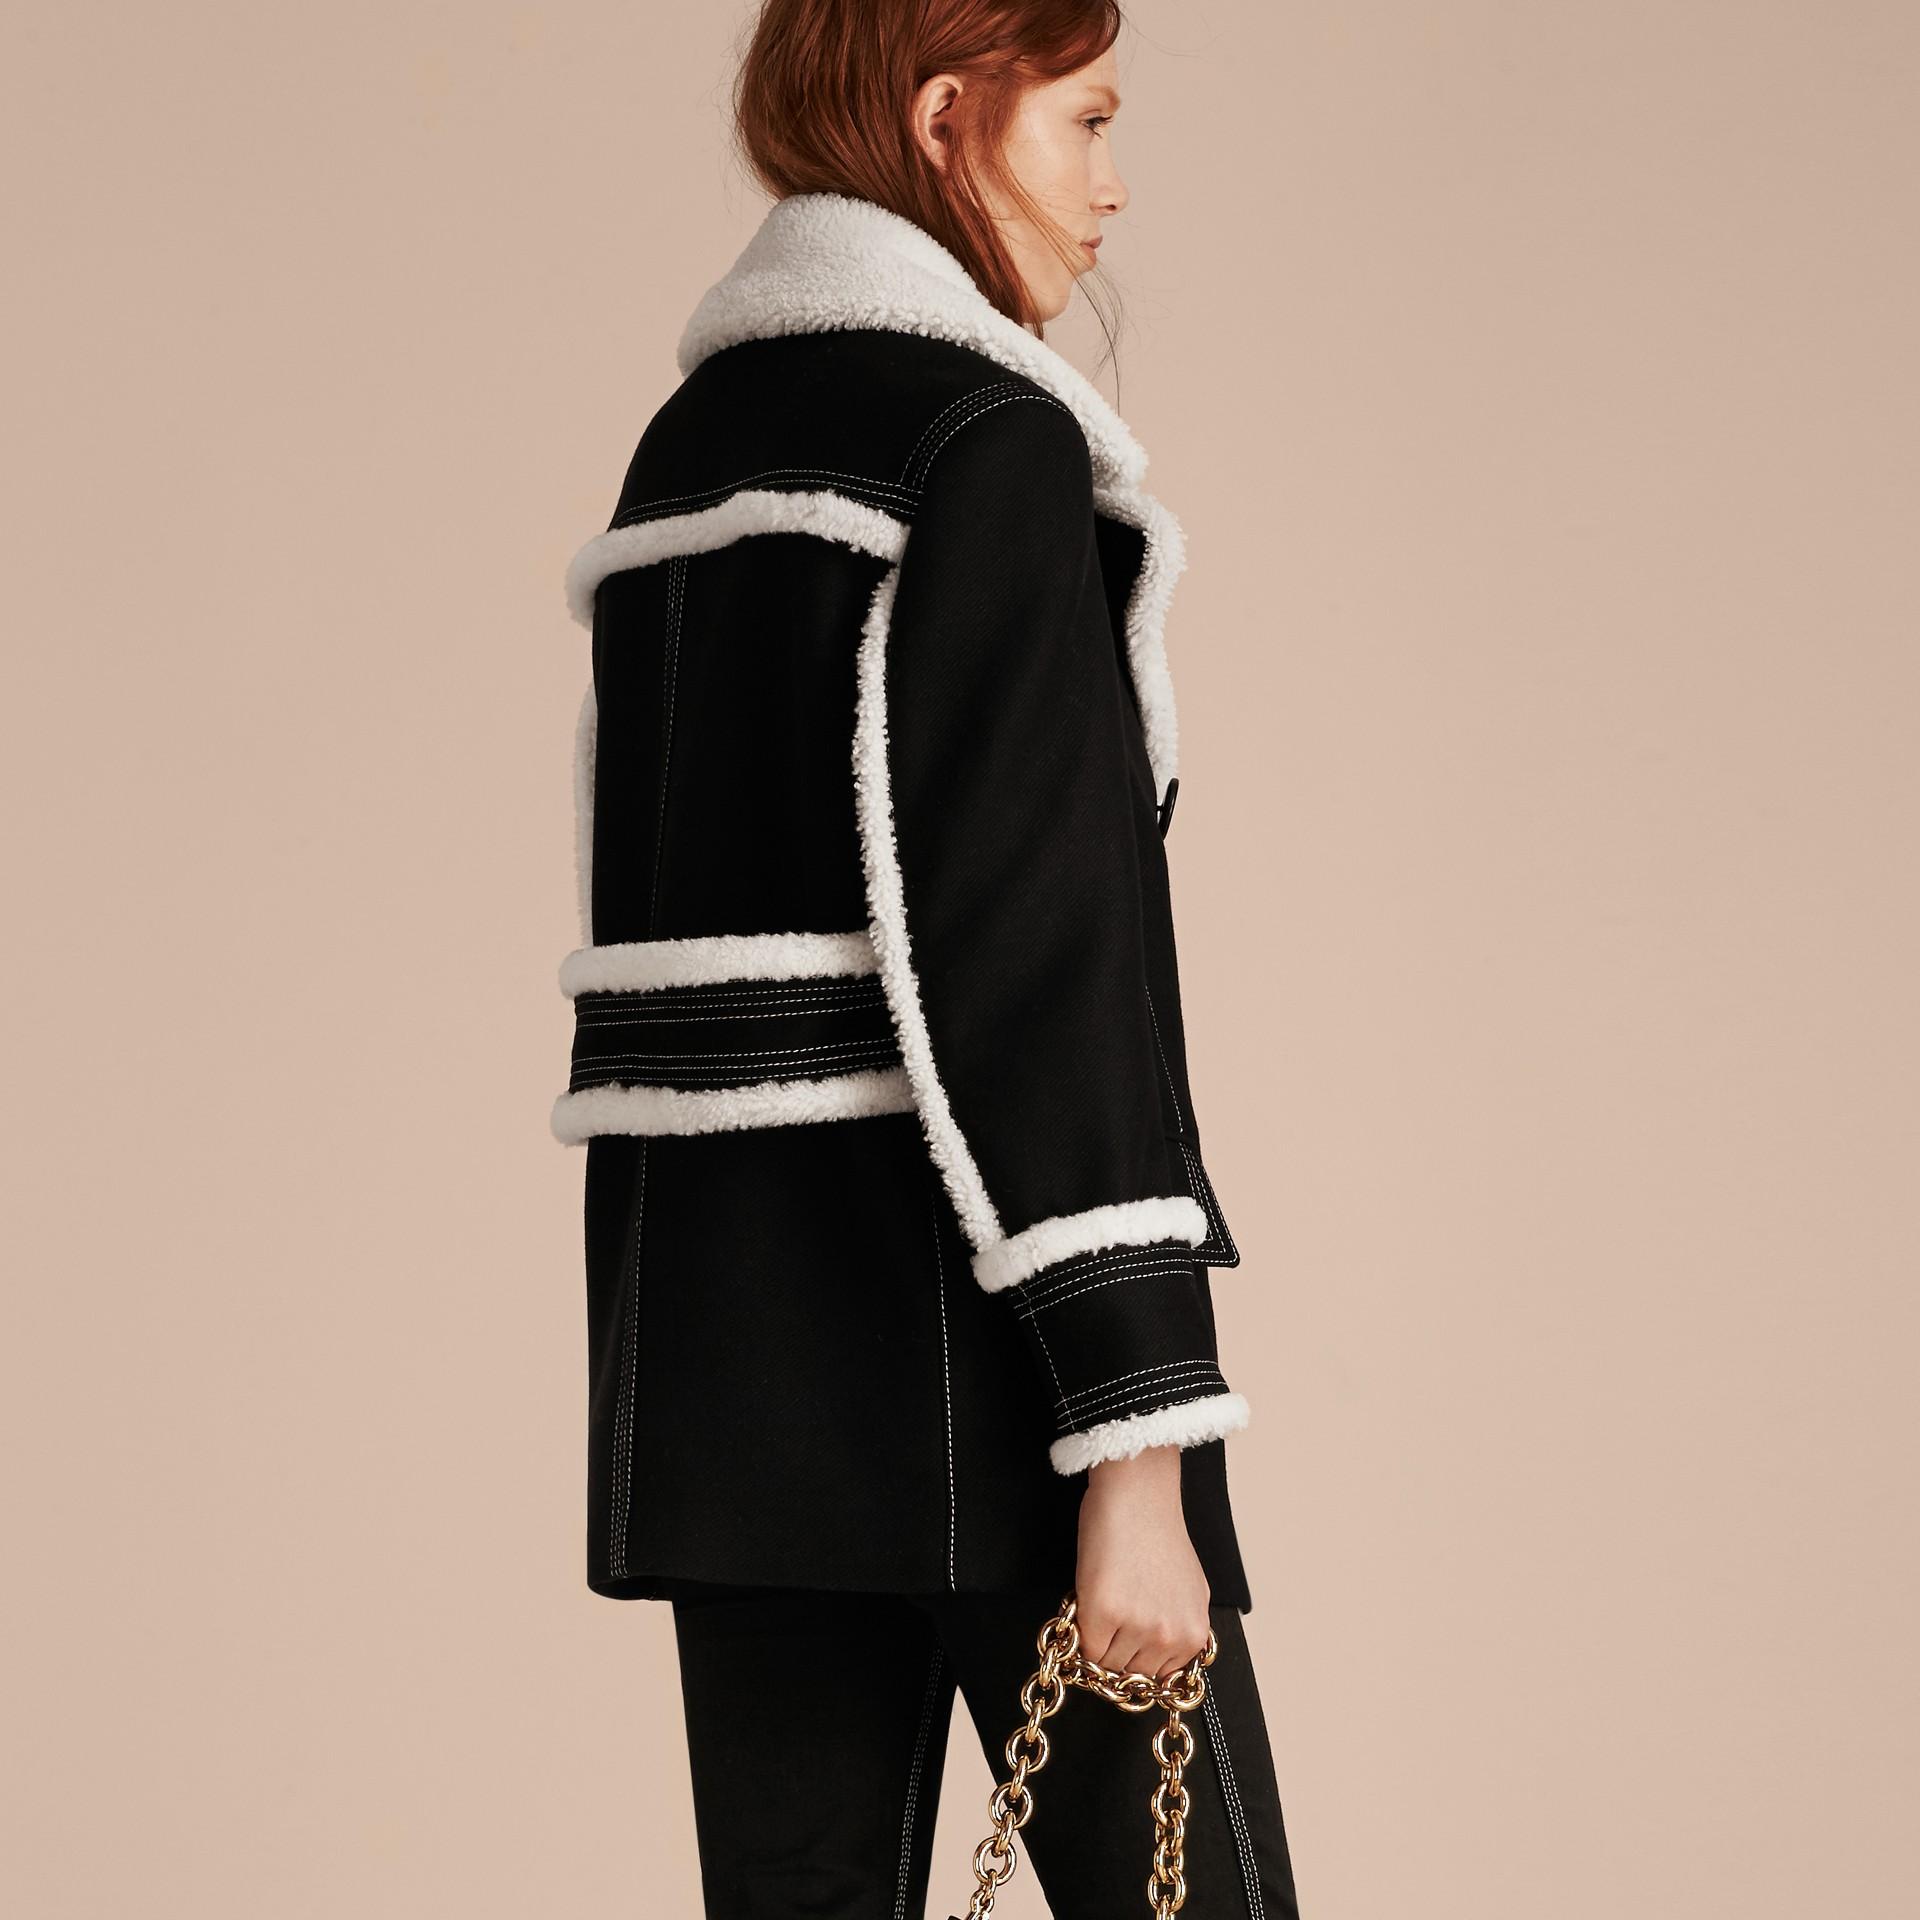 Nero Pea coat in misto lana e cashmere con finiture in shearling - immagine della galleria 3